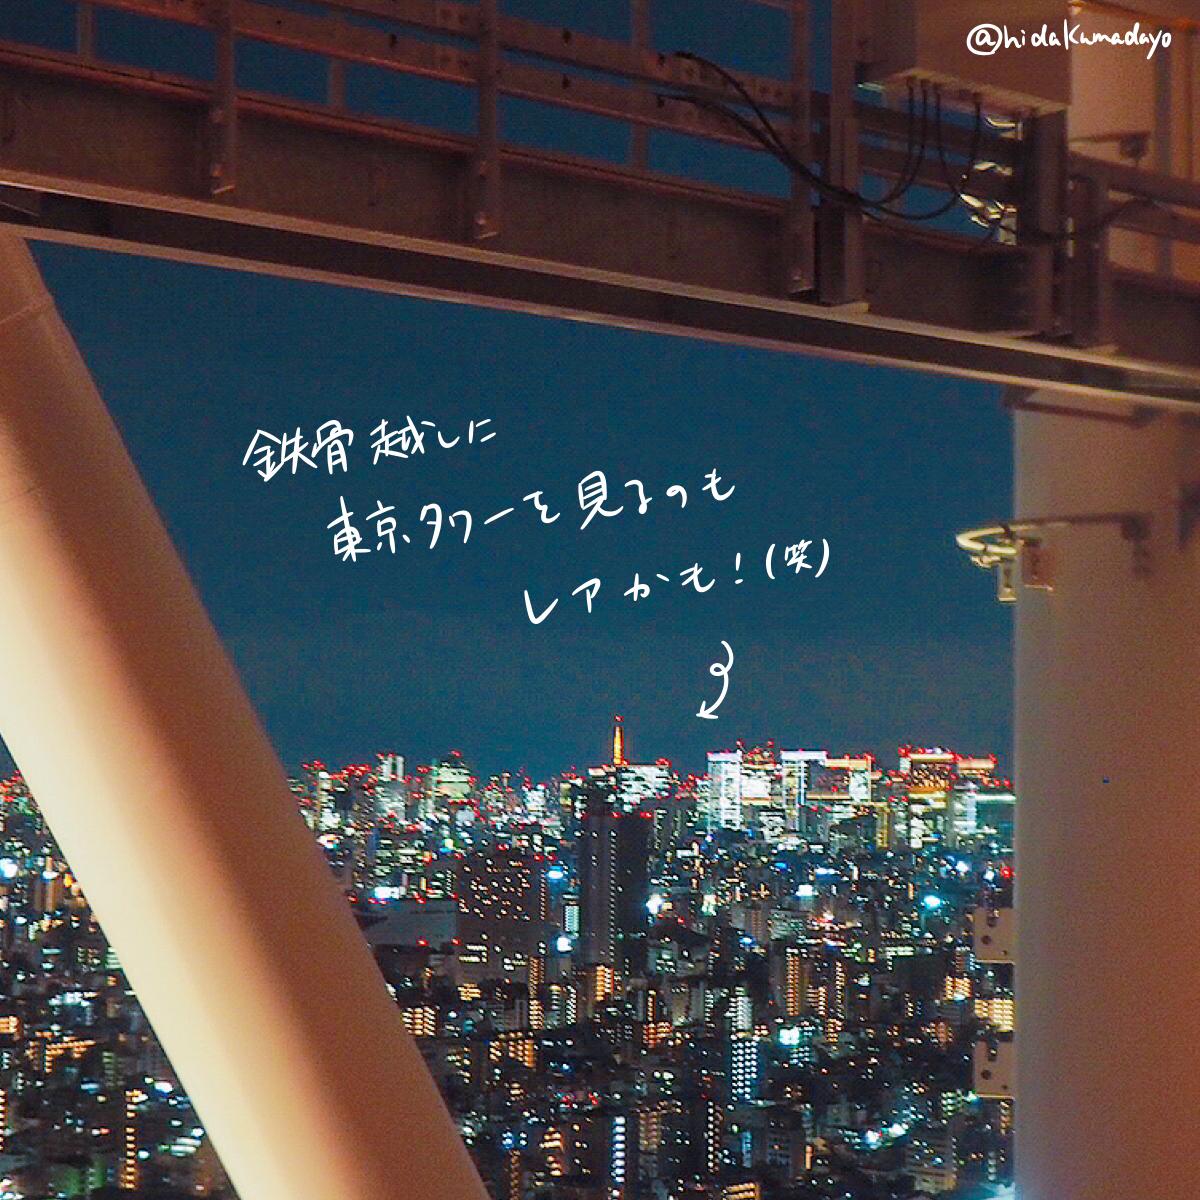 f:id:hidakumadayo:20190412203920p:plain